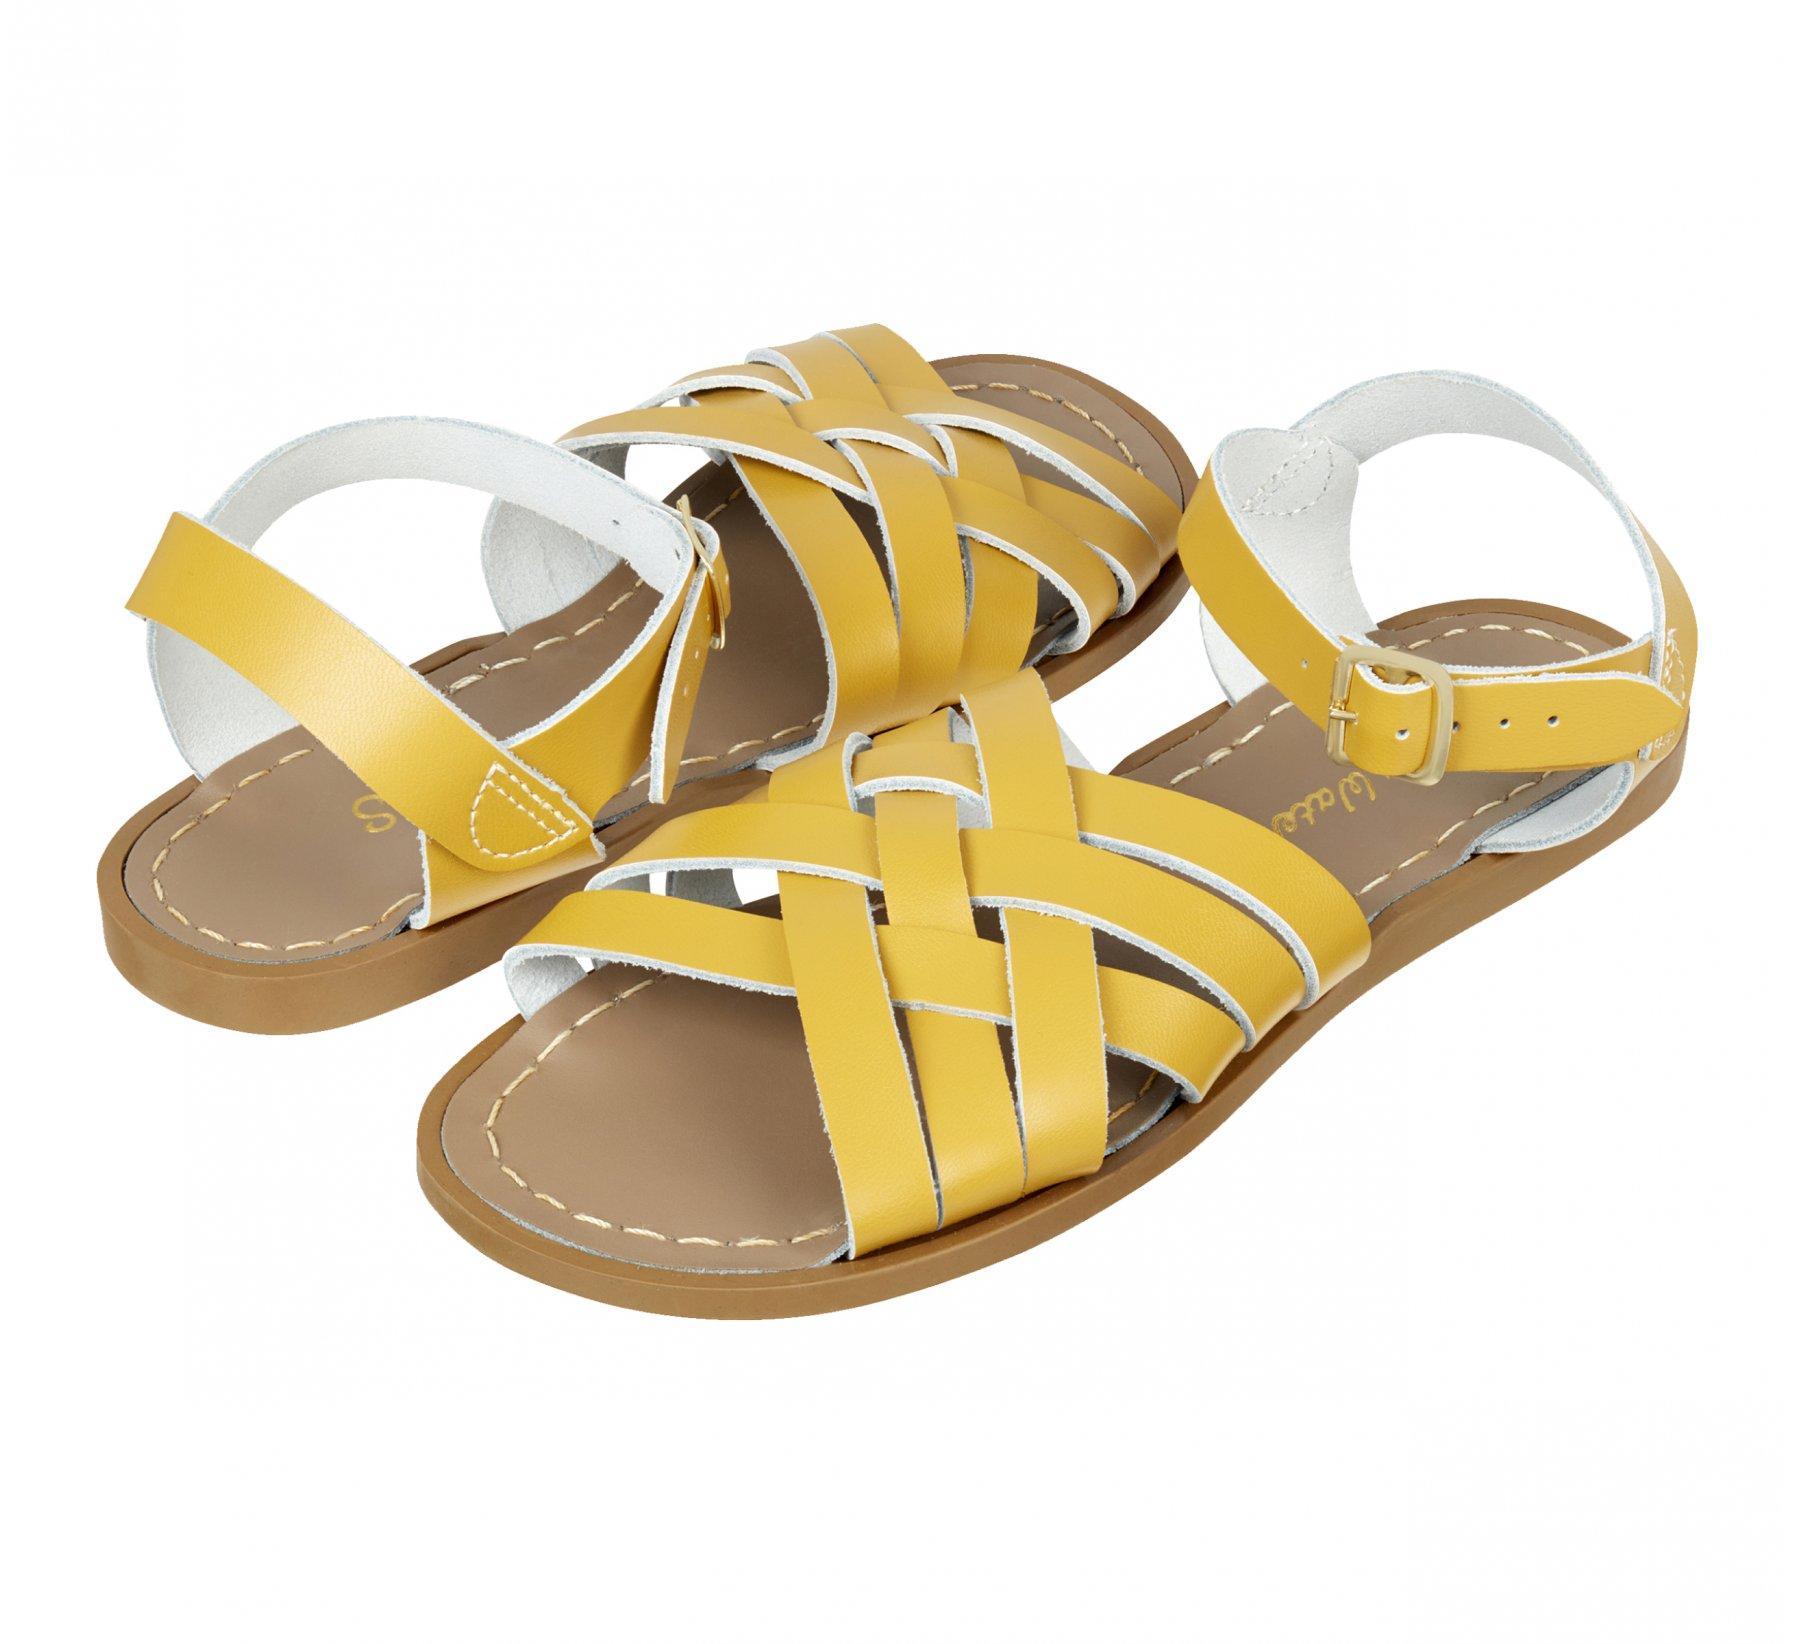 Retro Mustard  - Salt Water Sandals